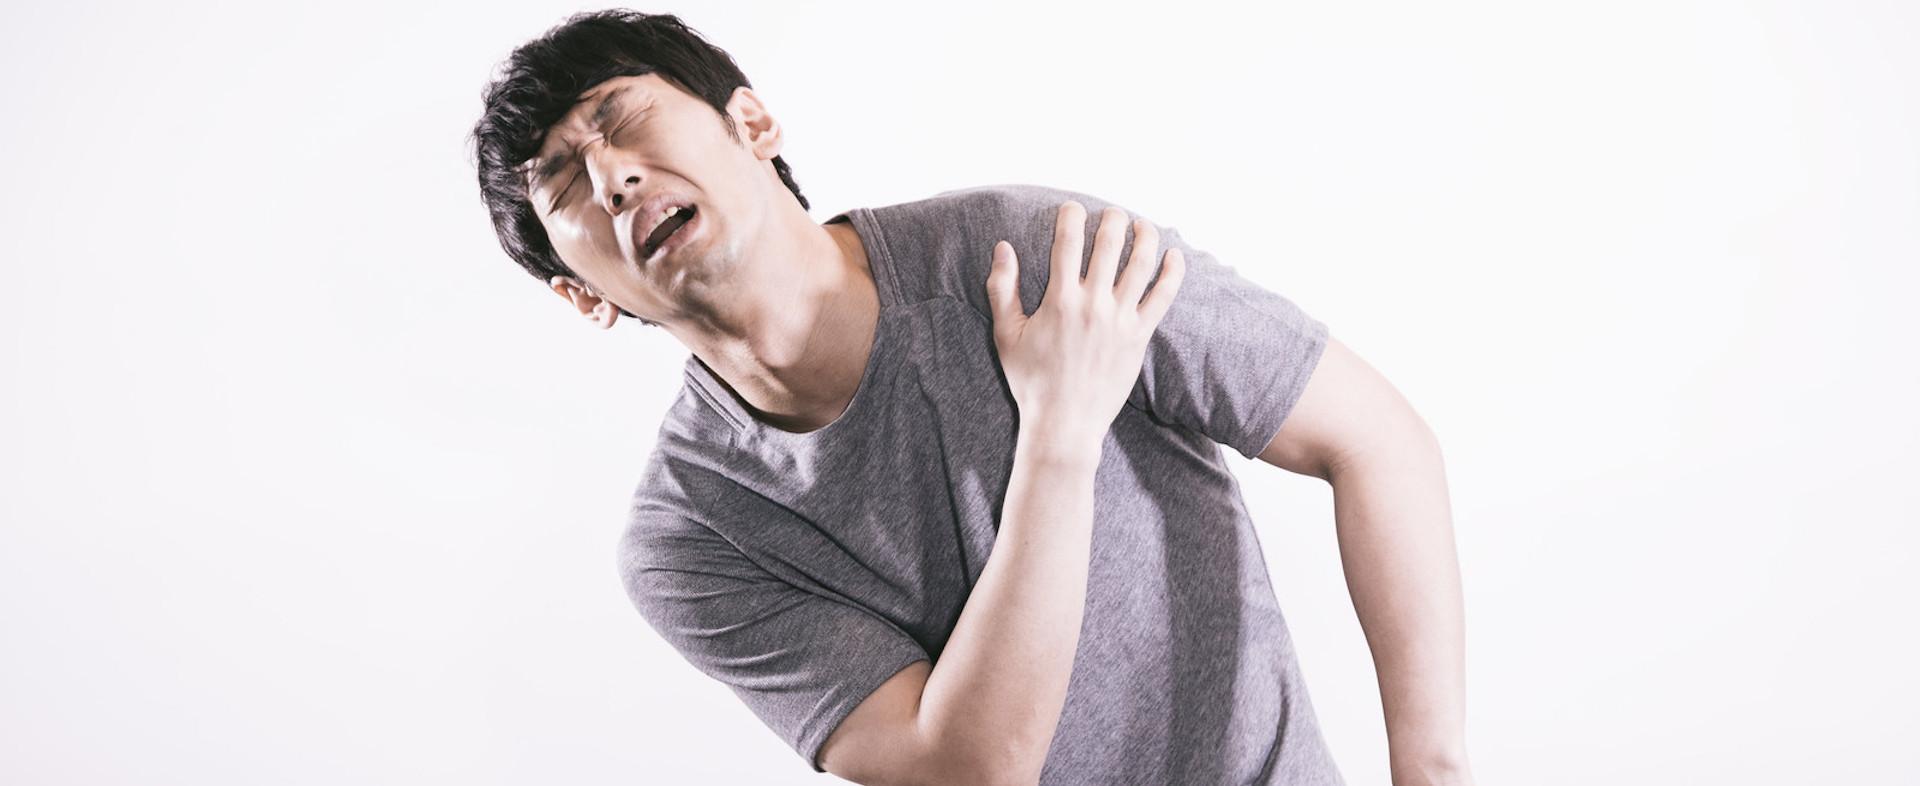 10個肩痛9個側睡 改變睡姿可減少肩膀痠痛